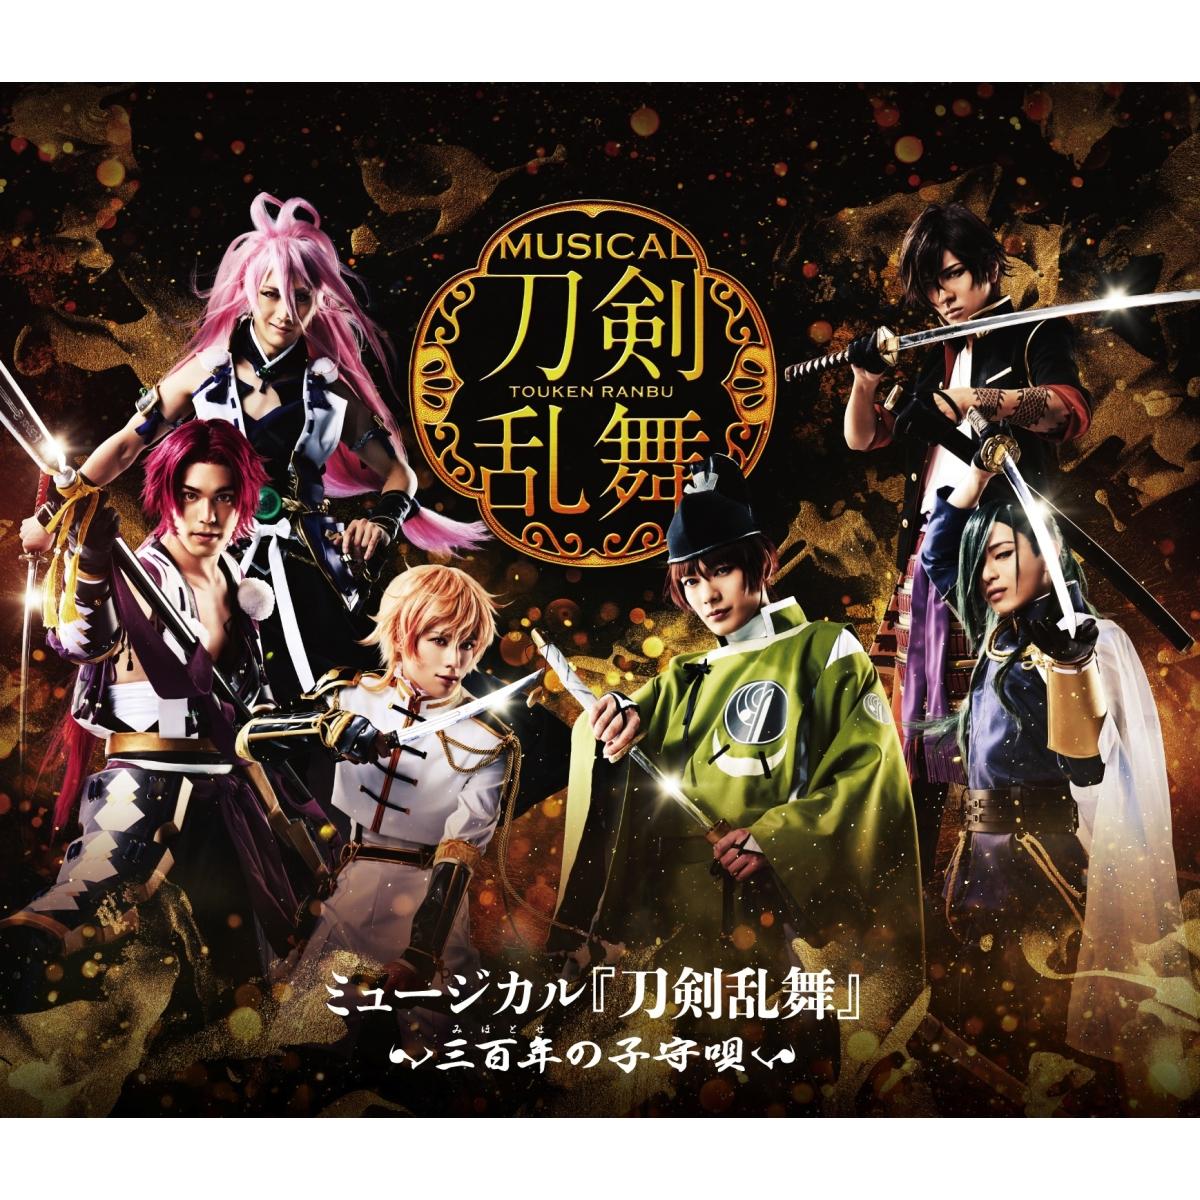 楽天ブックス: ミュージカル『刀剣乱舞』 ~三百年の子守唄~【Blu-ray ...